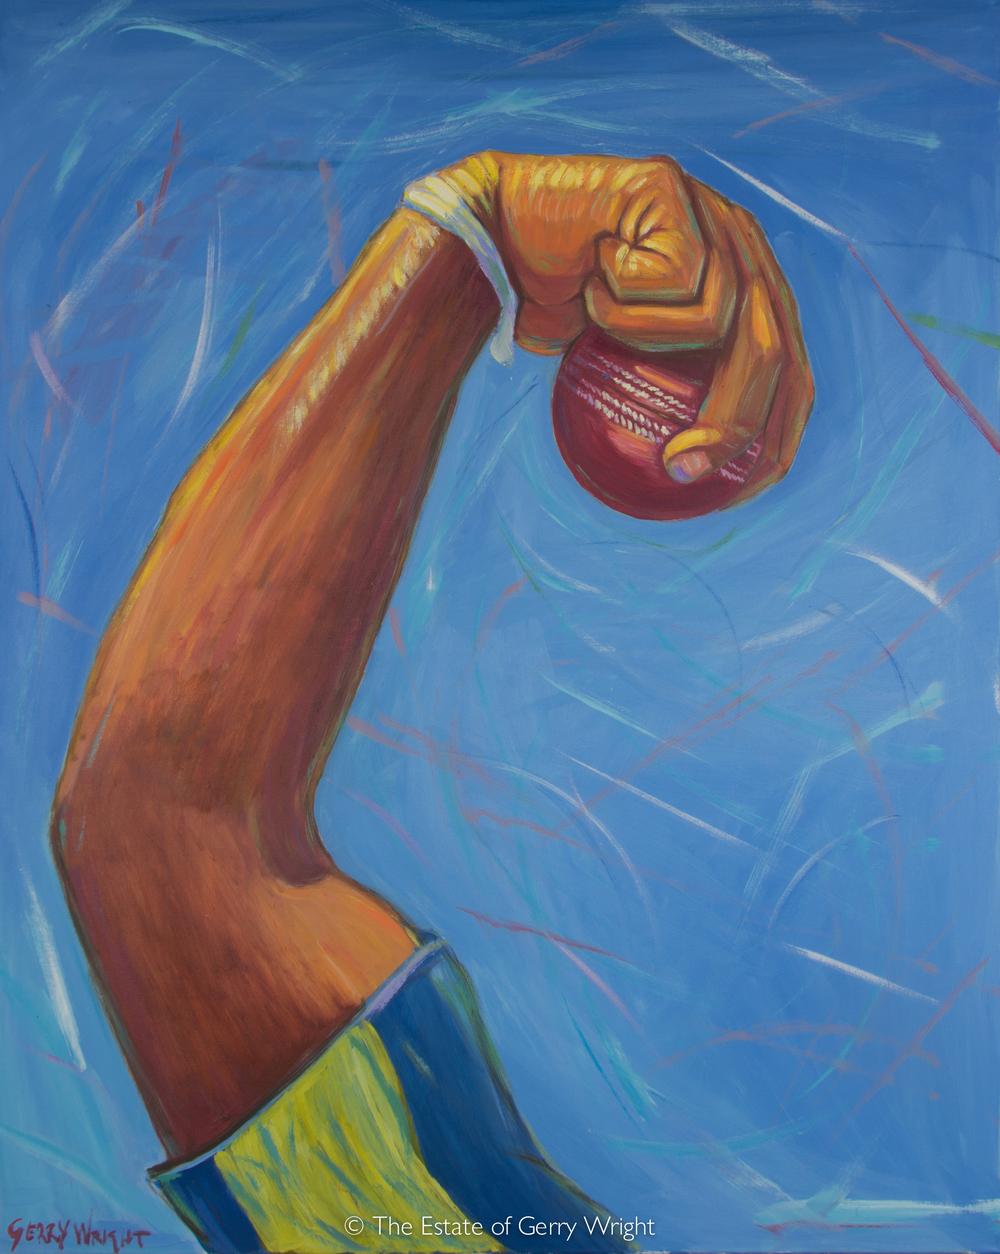 Bowler's grip